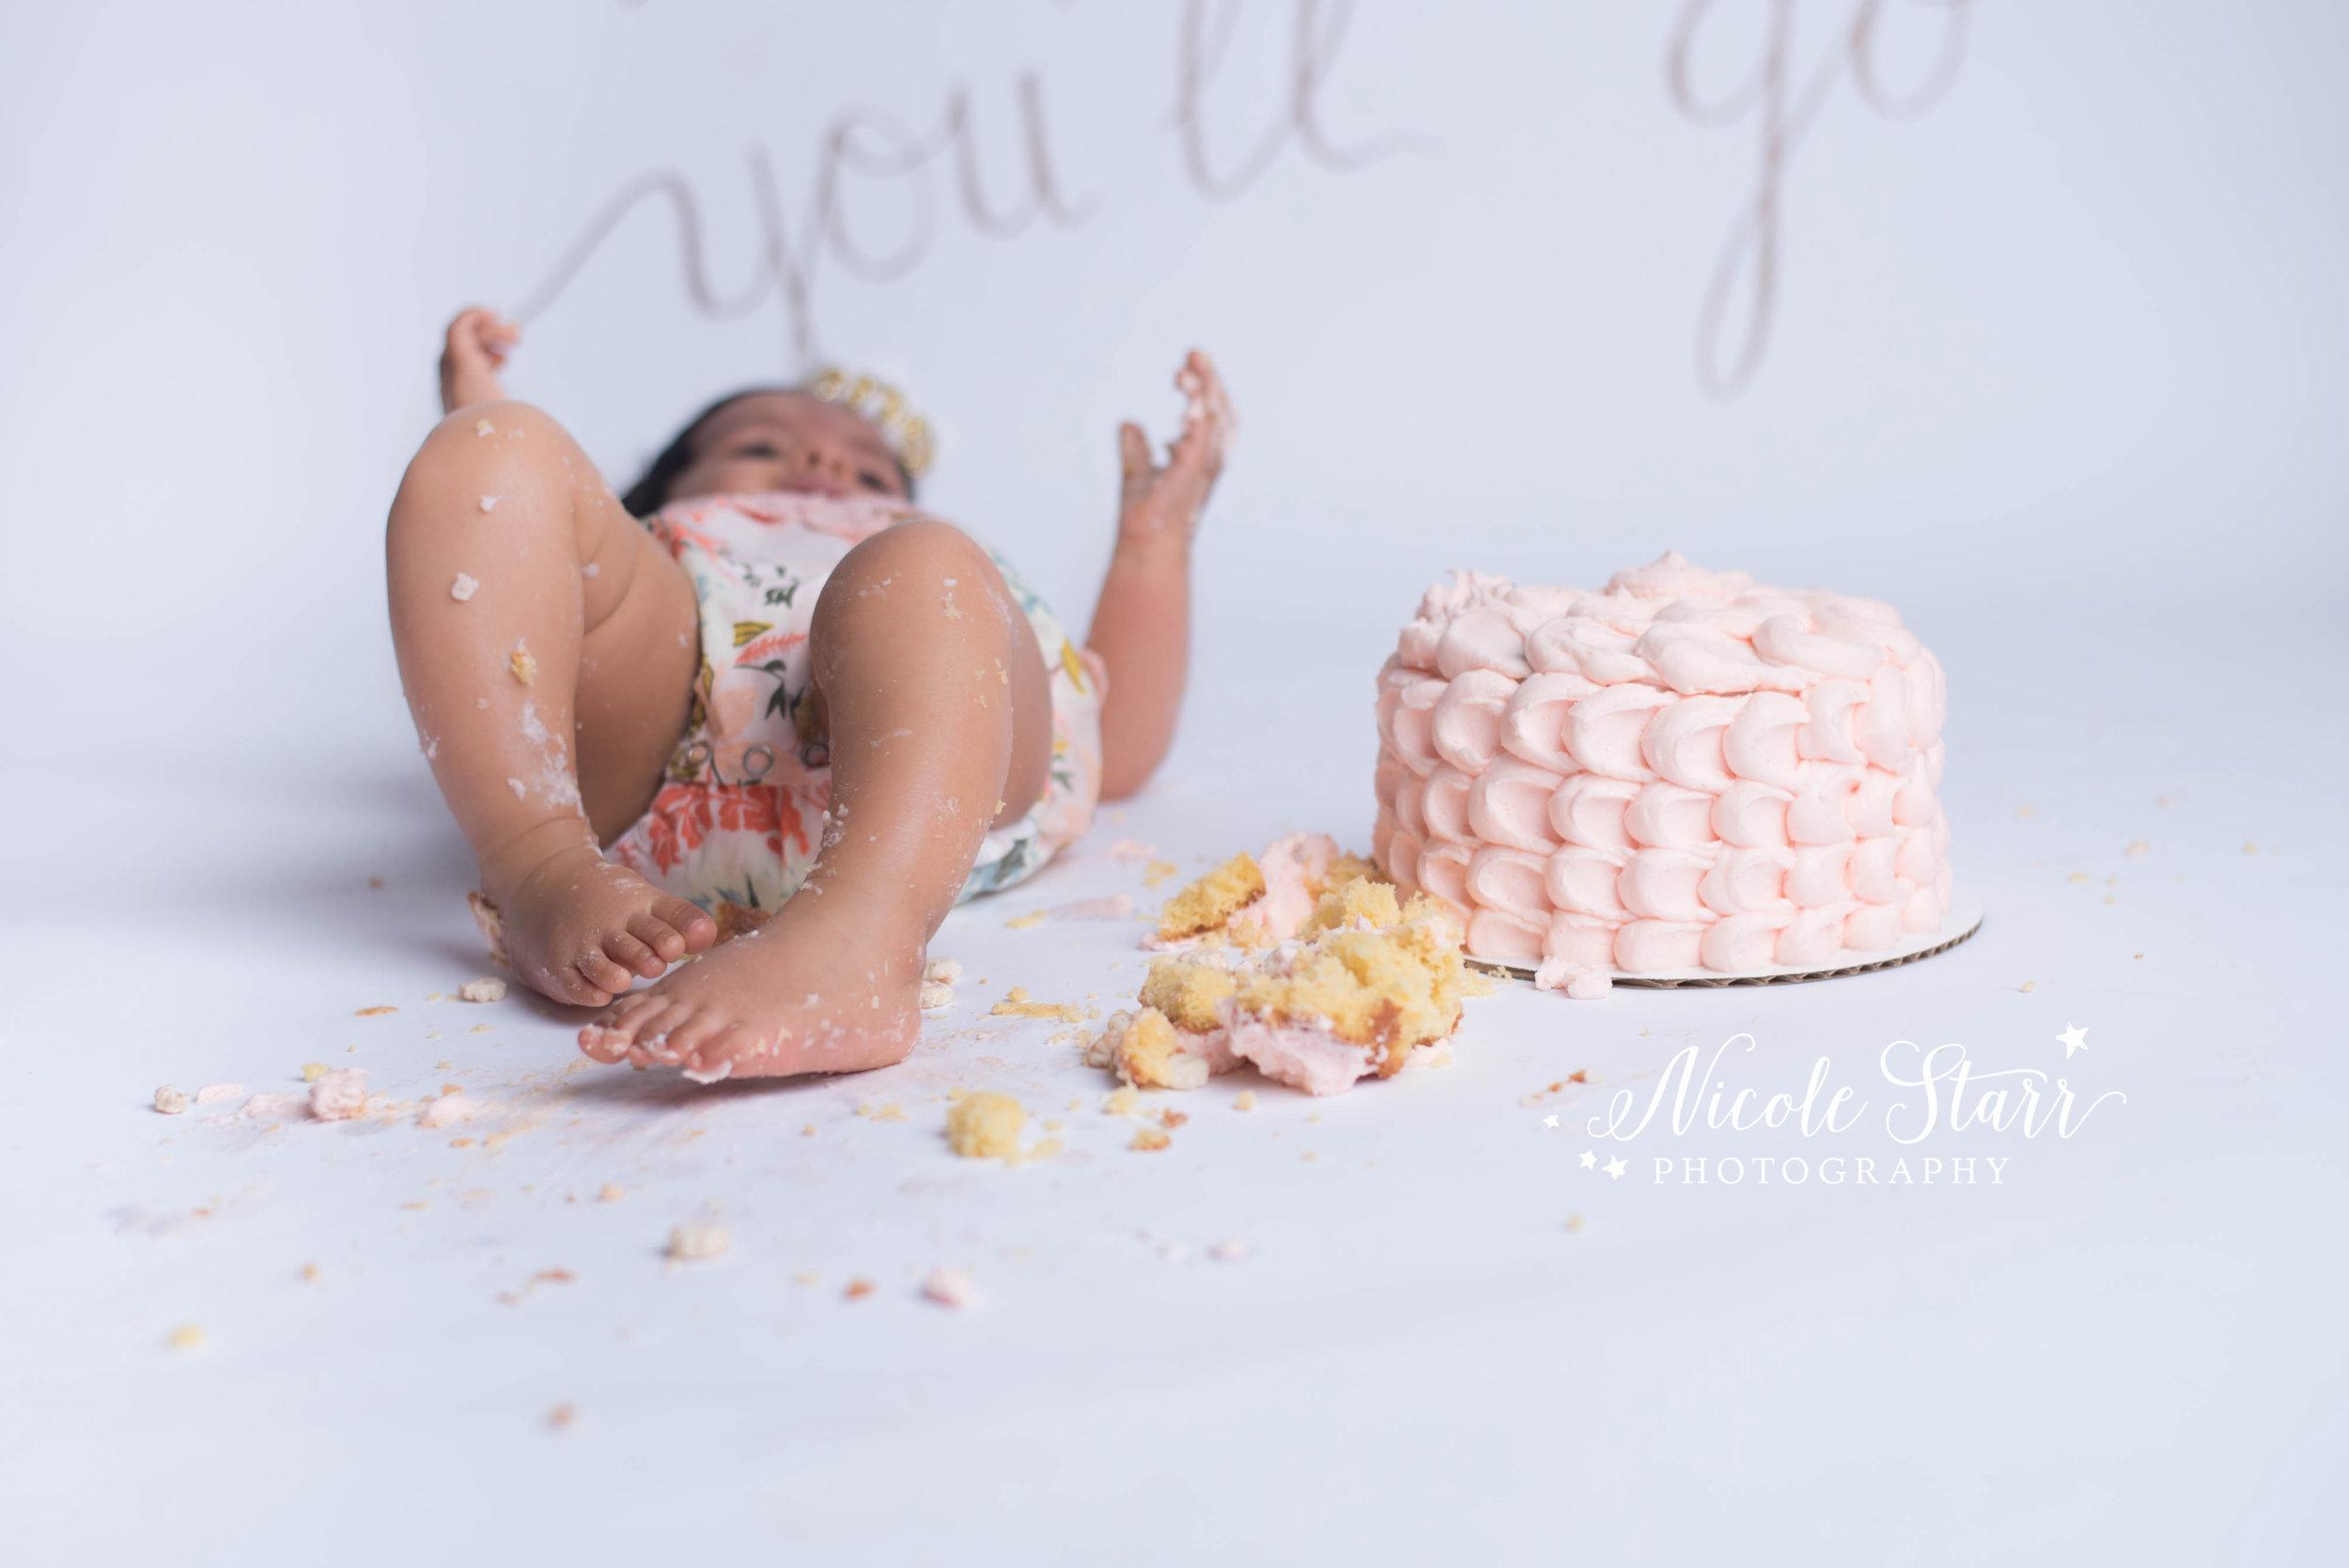 Newton Cake smash photographer, Albany Cake Smash Photographer, Upstate NY Cake smash photographer, Clifton Park Cake Smash Photographer,